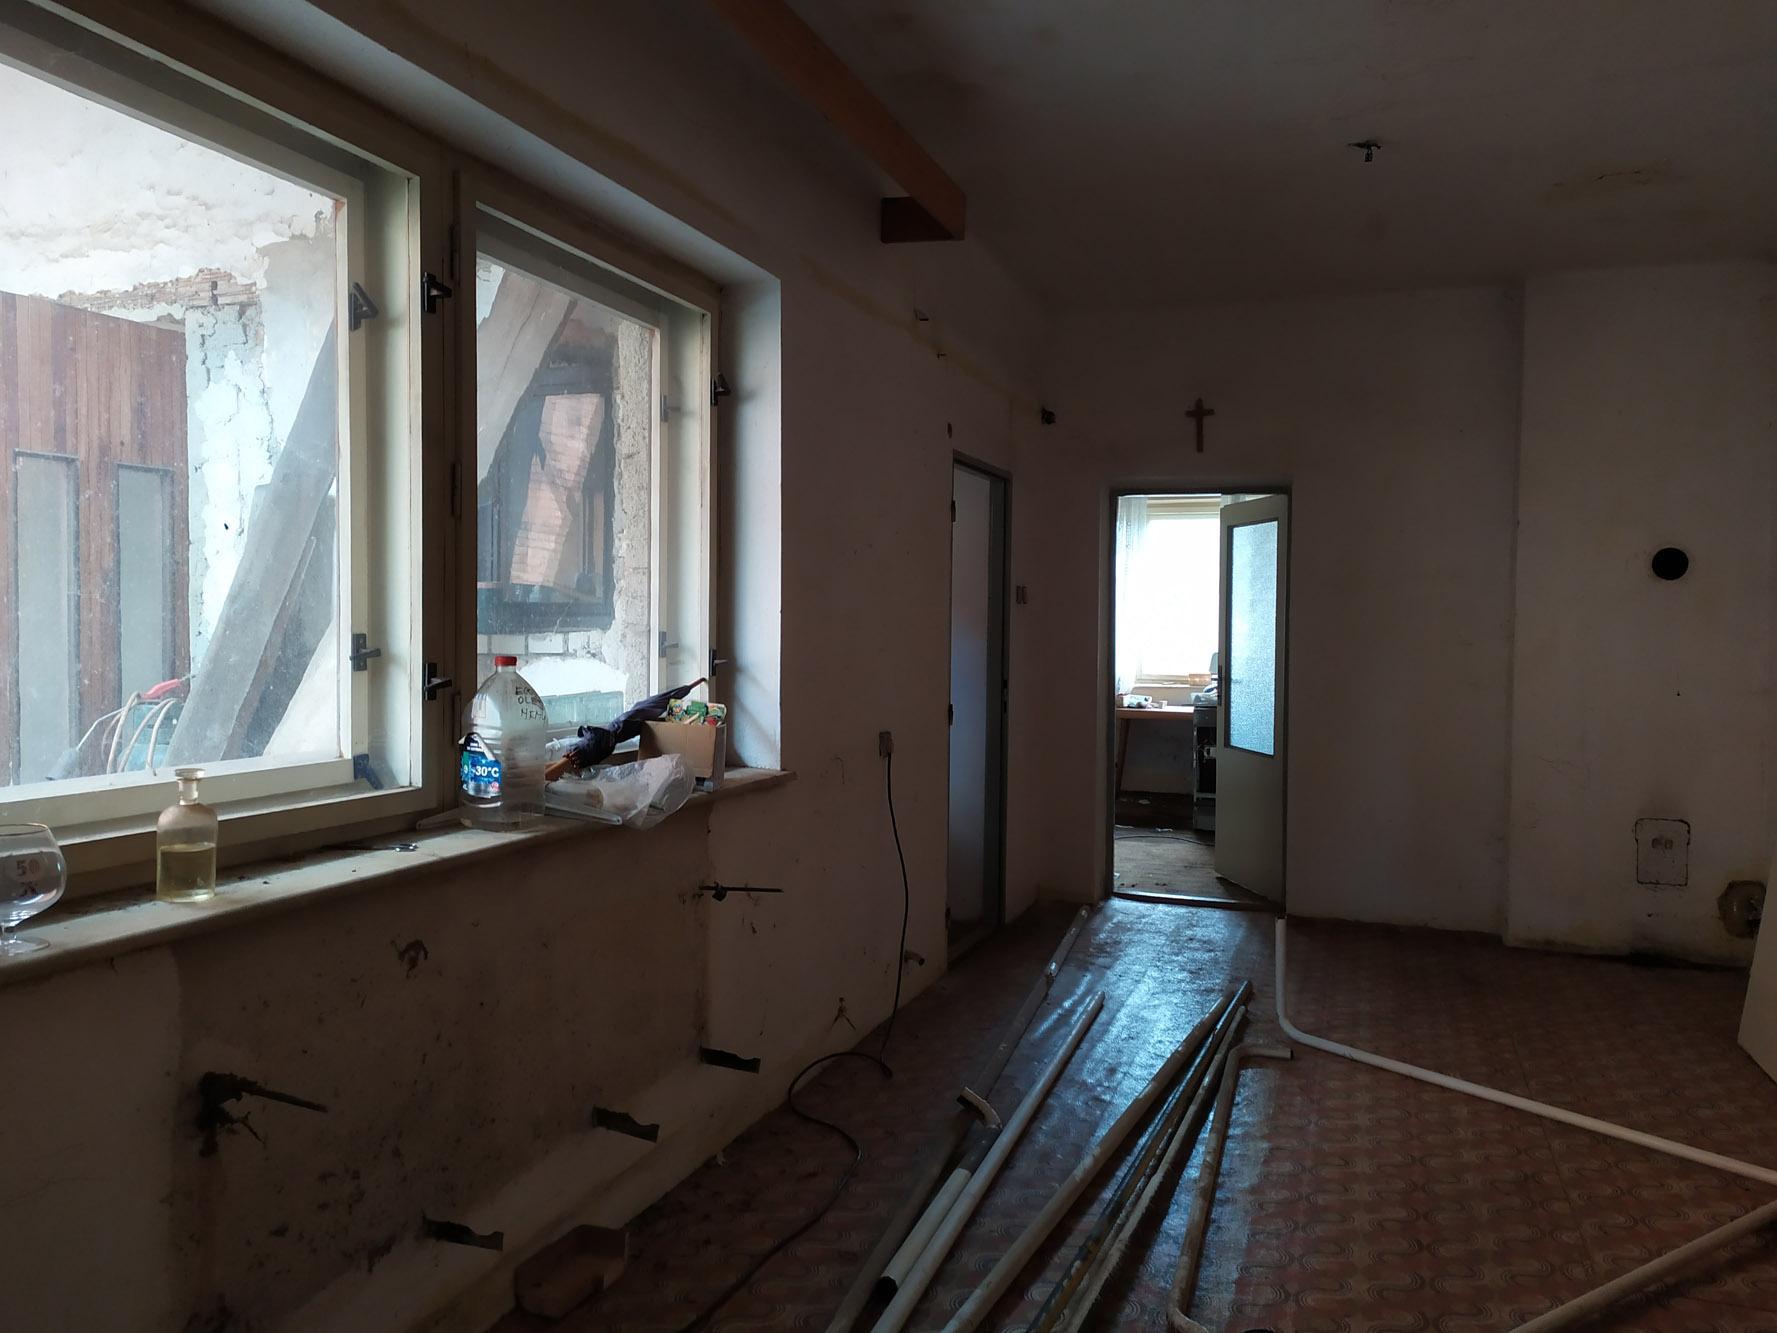 Bourání staré a stavba nové řadovky - Vyklízení starého domu, odřezávání trubek